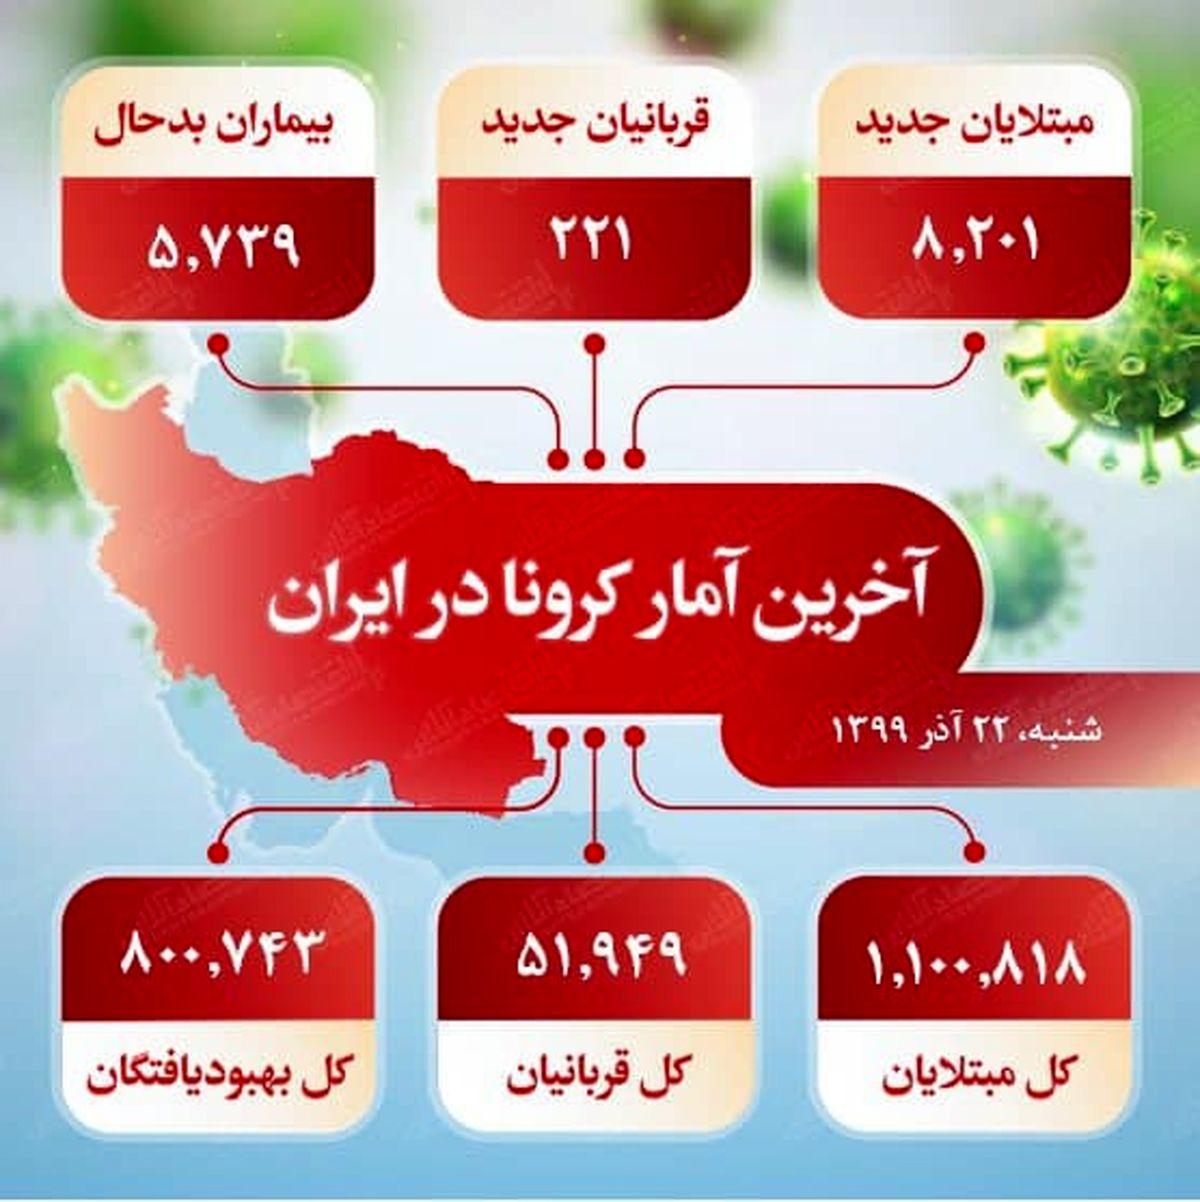 آخرین آمار کرونا در ایران (۹۹/۹/۲۲)